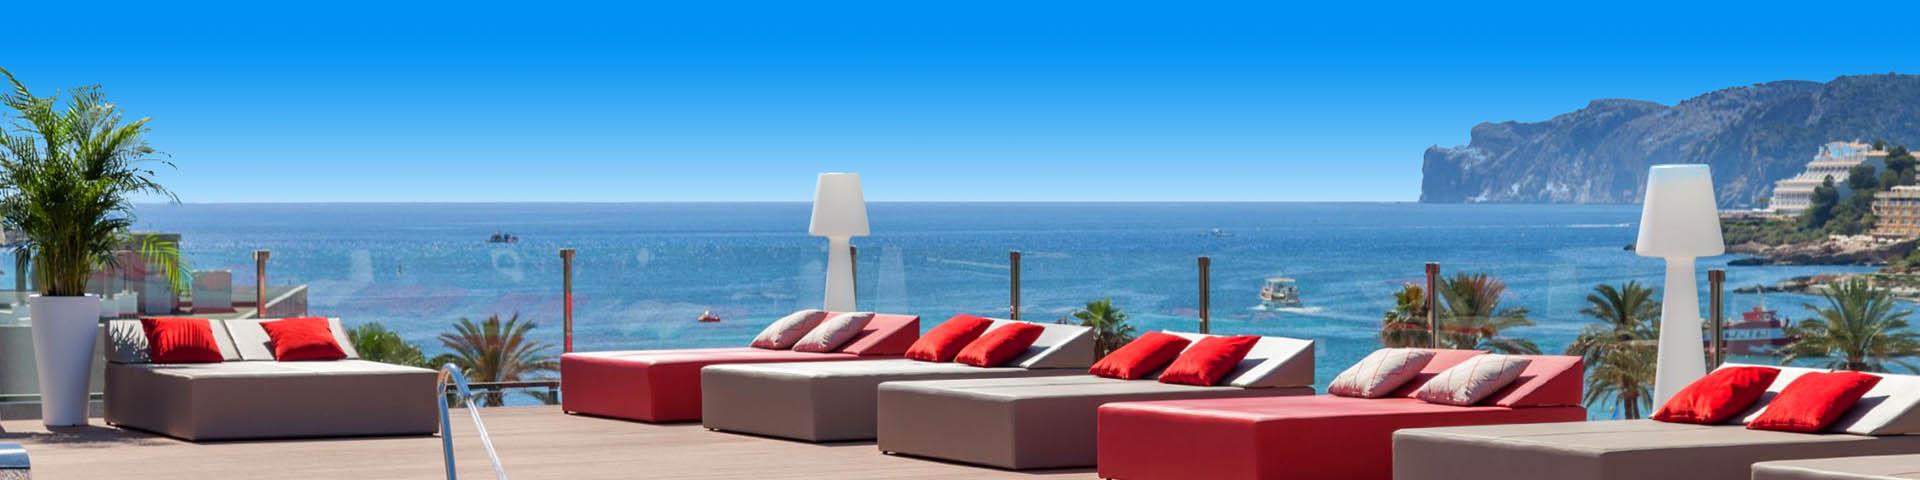 Ligbedden met kussens met uitzicht op de zee bij een Zafiro hotel